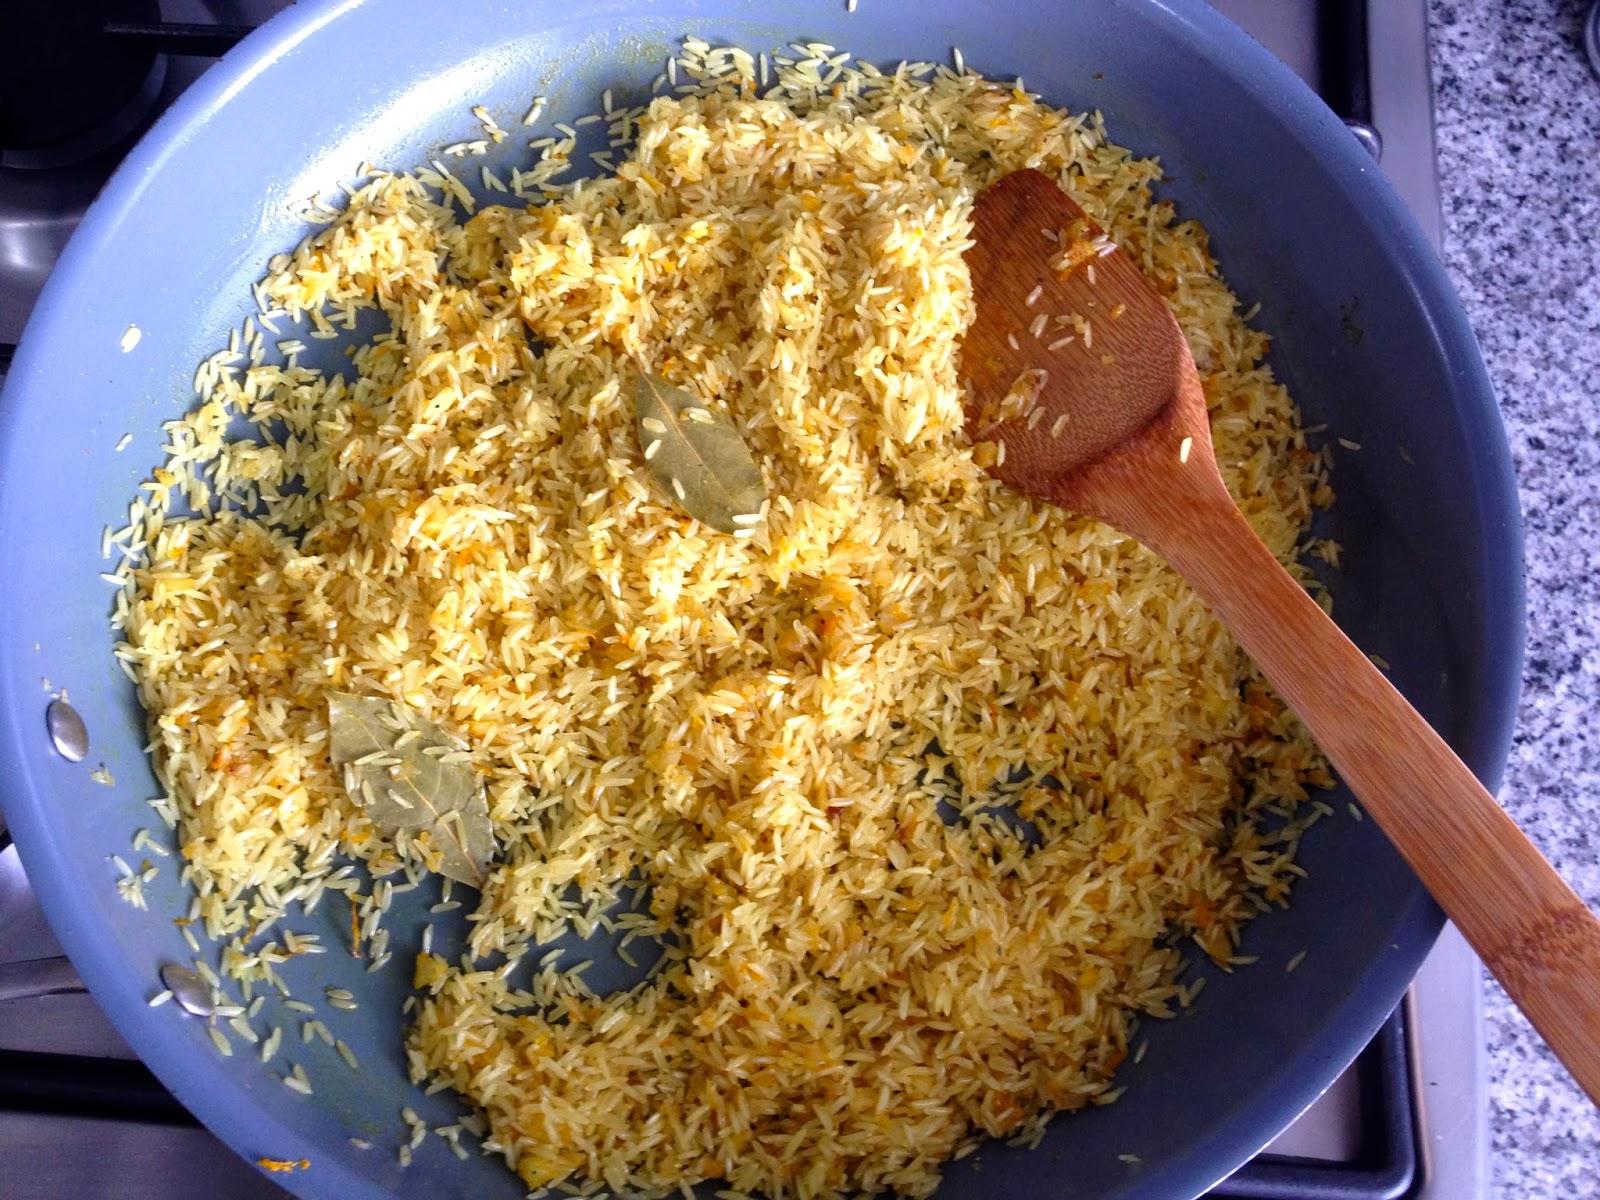 arroz-basmati-con-especias